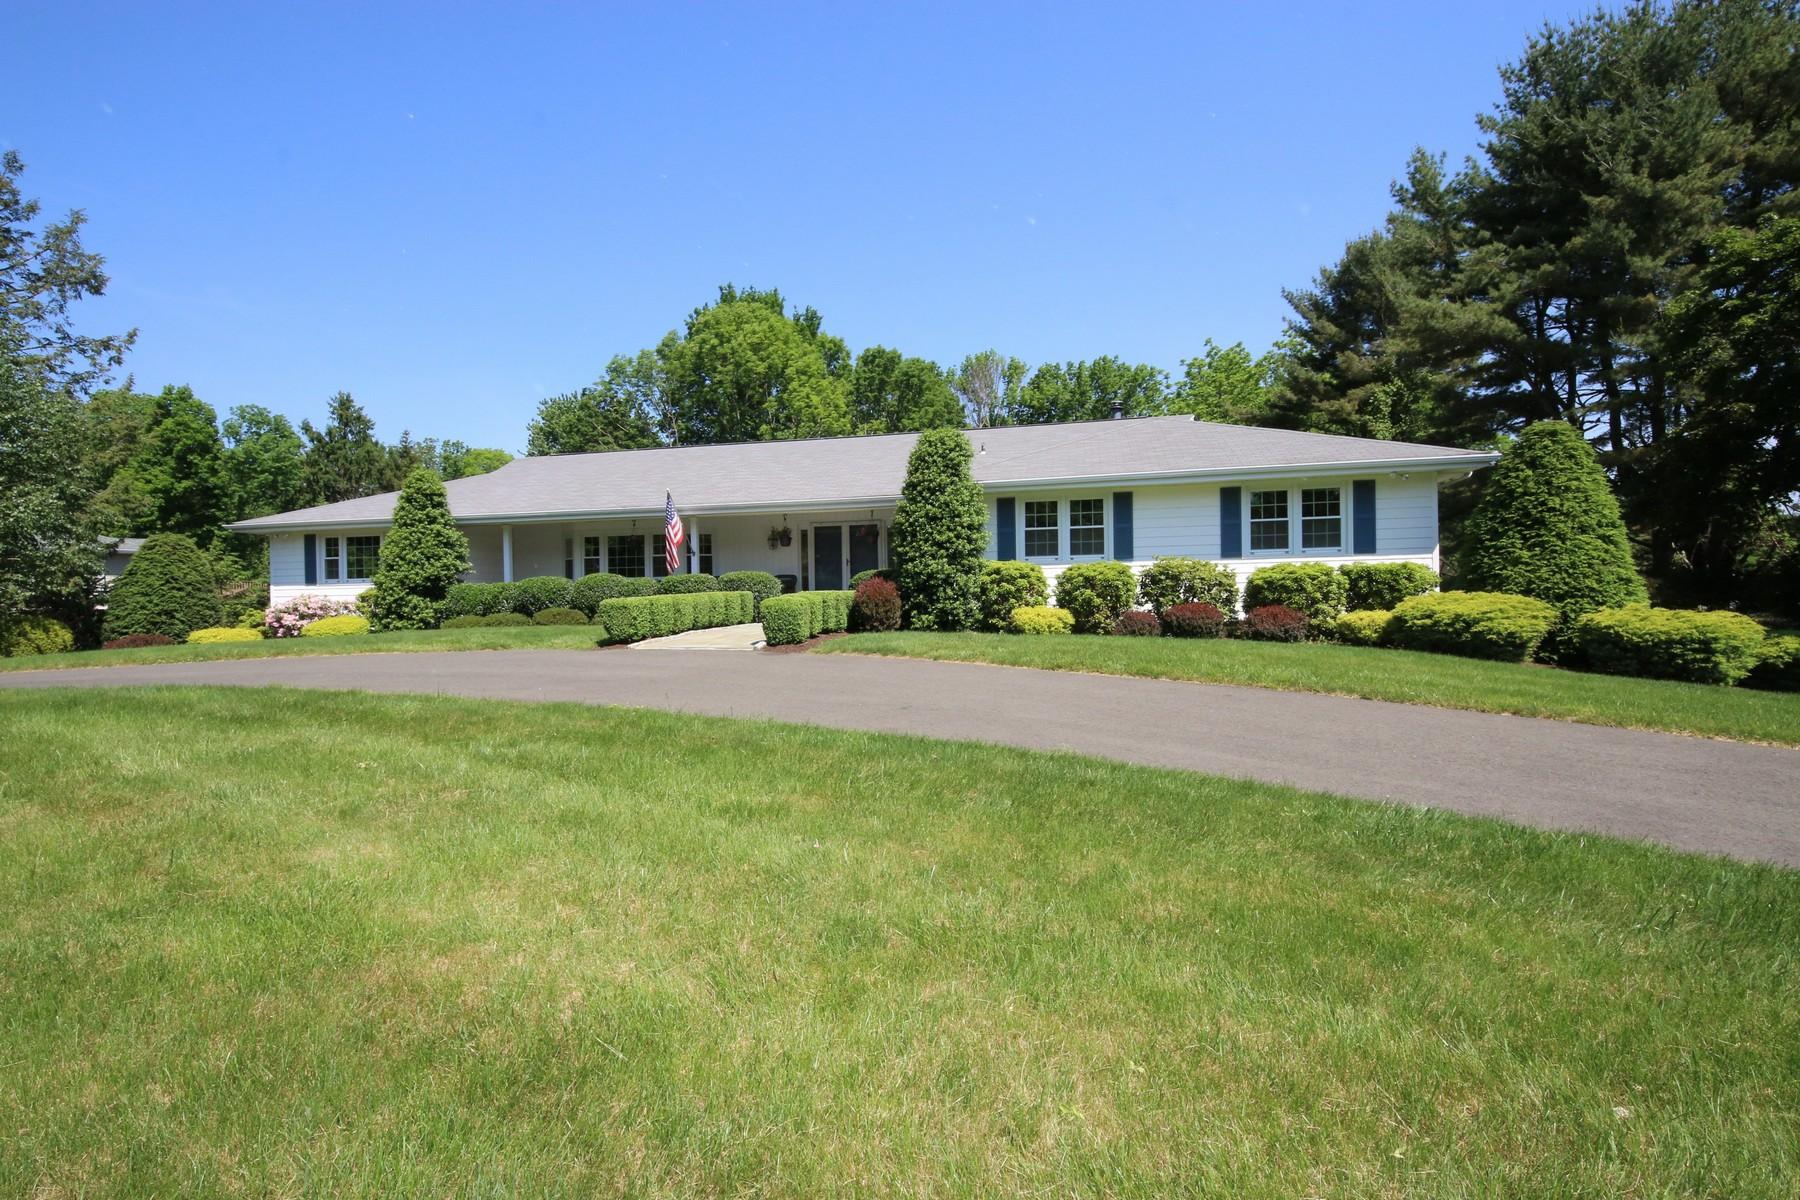 Частный односемейный дом для того Продажа на Expansive & Welcoming 141 Remington Road Ridgefield, Коннектикут, 06877 Соединенные Штаты